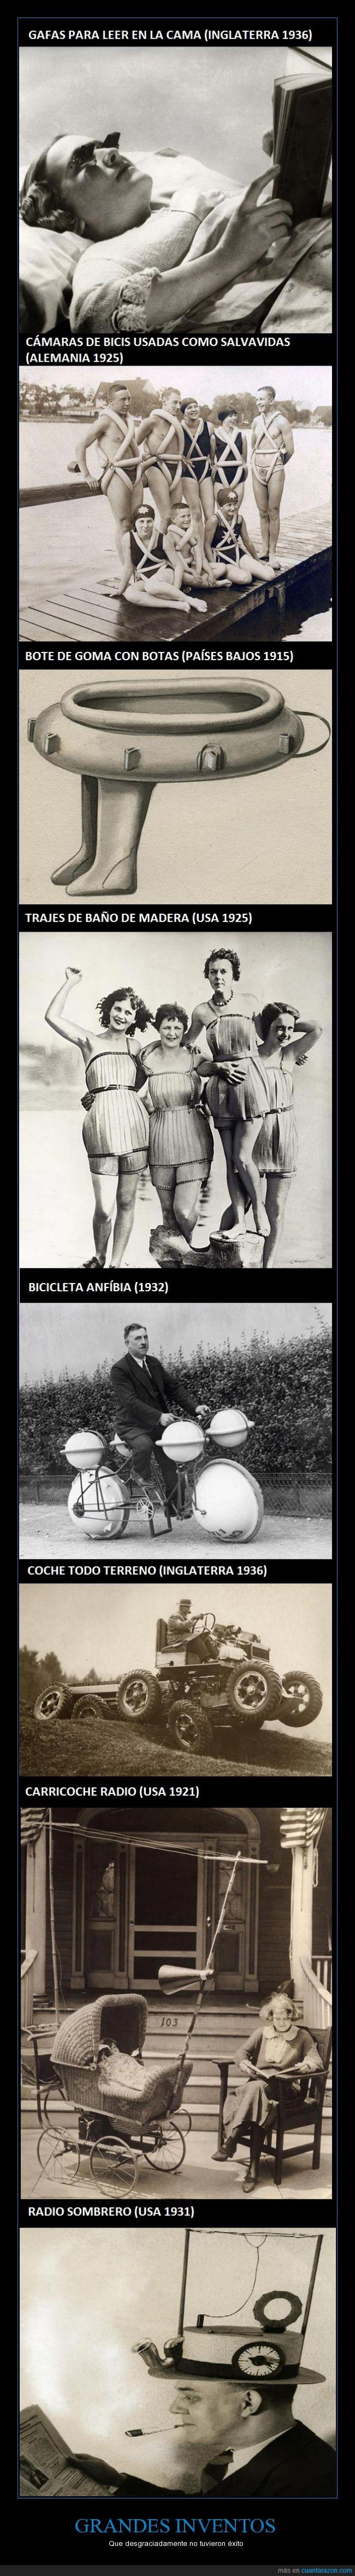 bañadores,bici,exito,inventos,locuras,madera,mujeres,radio,salvavidas,sombrero